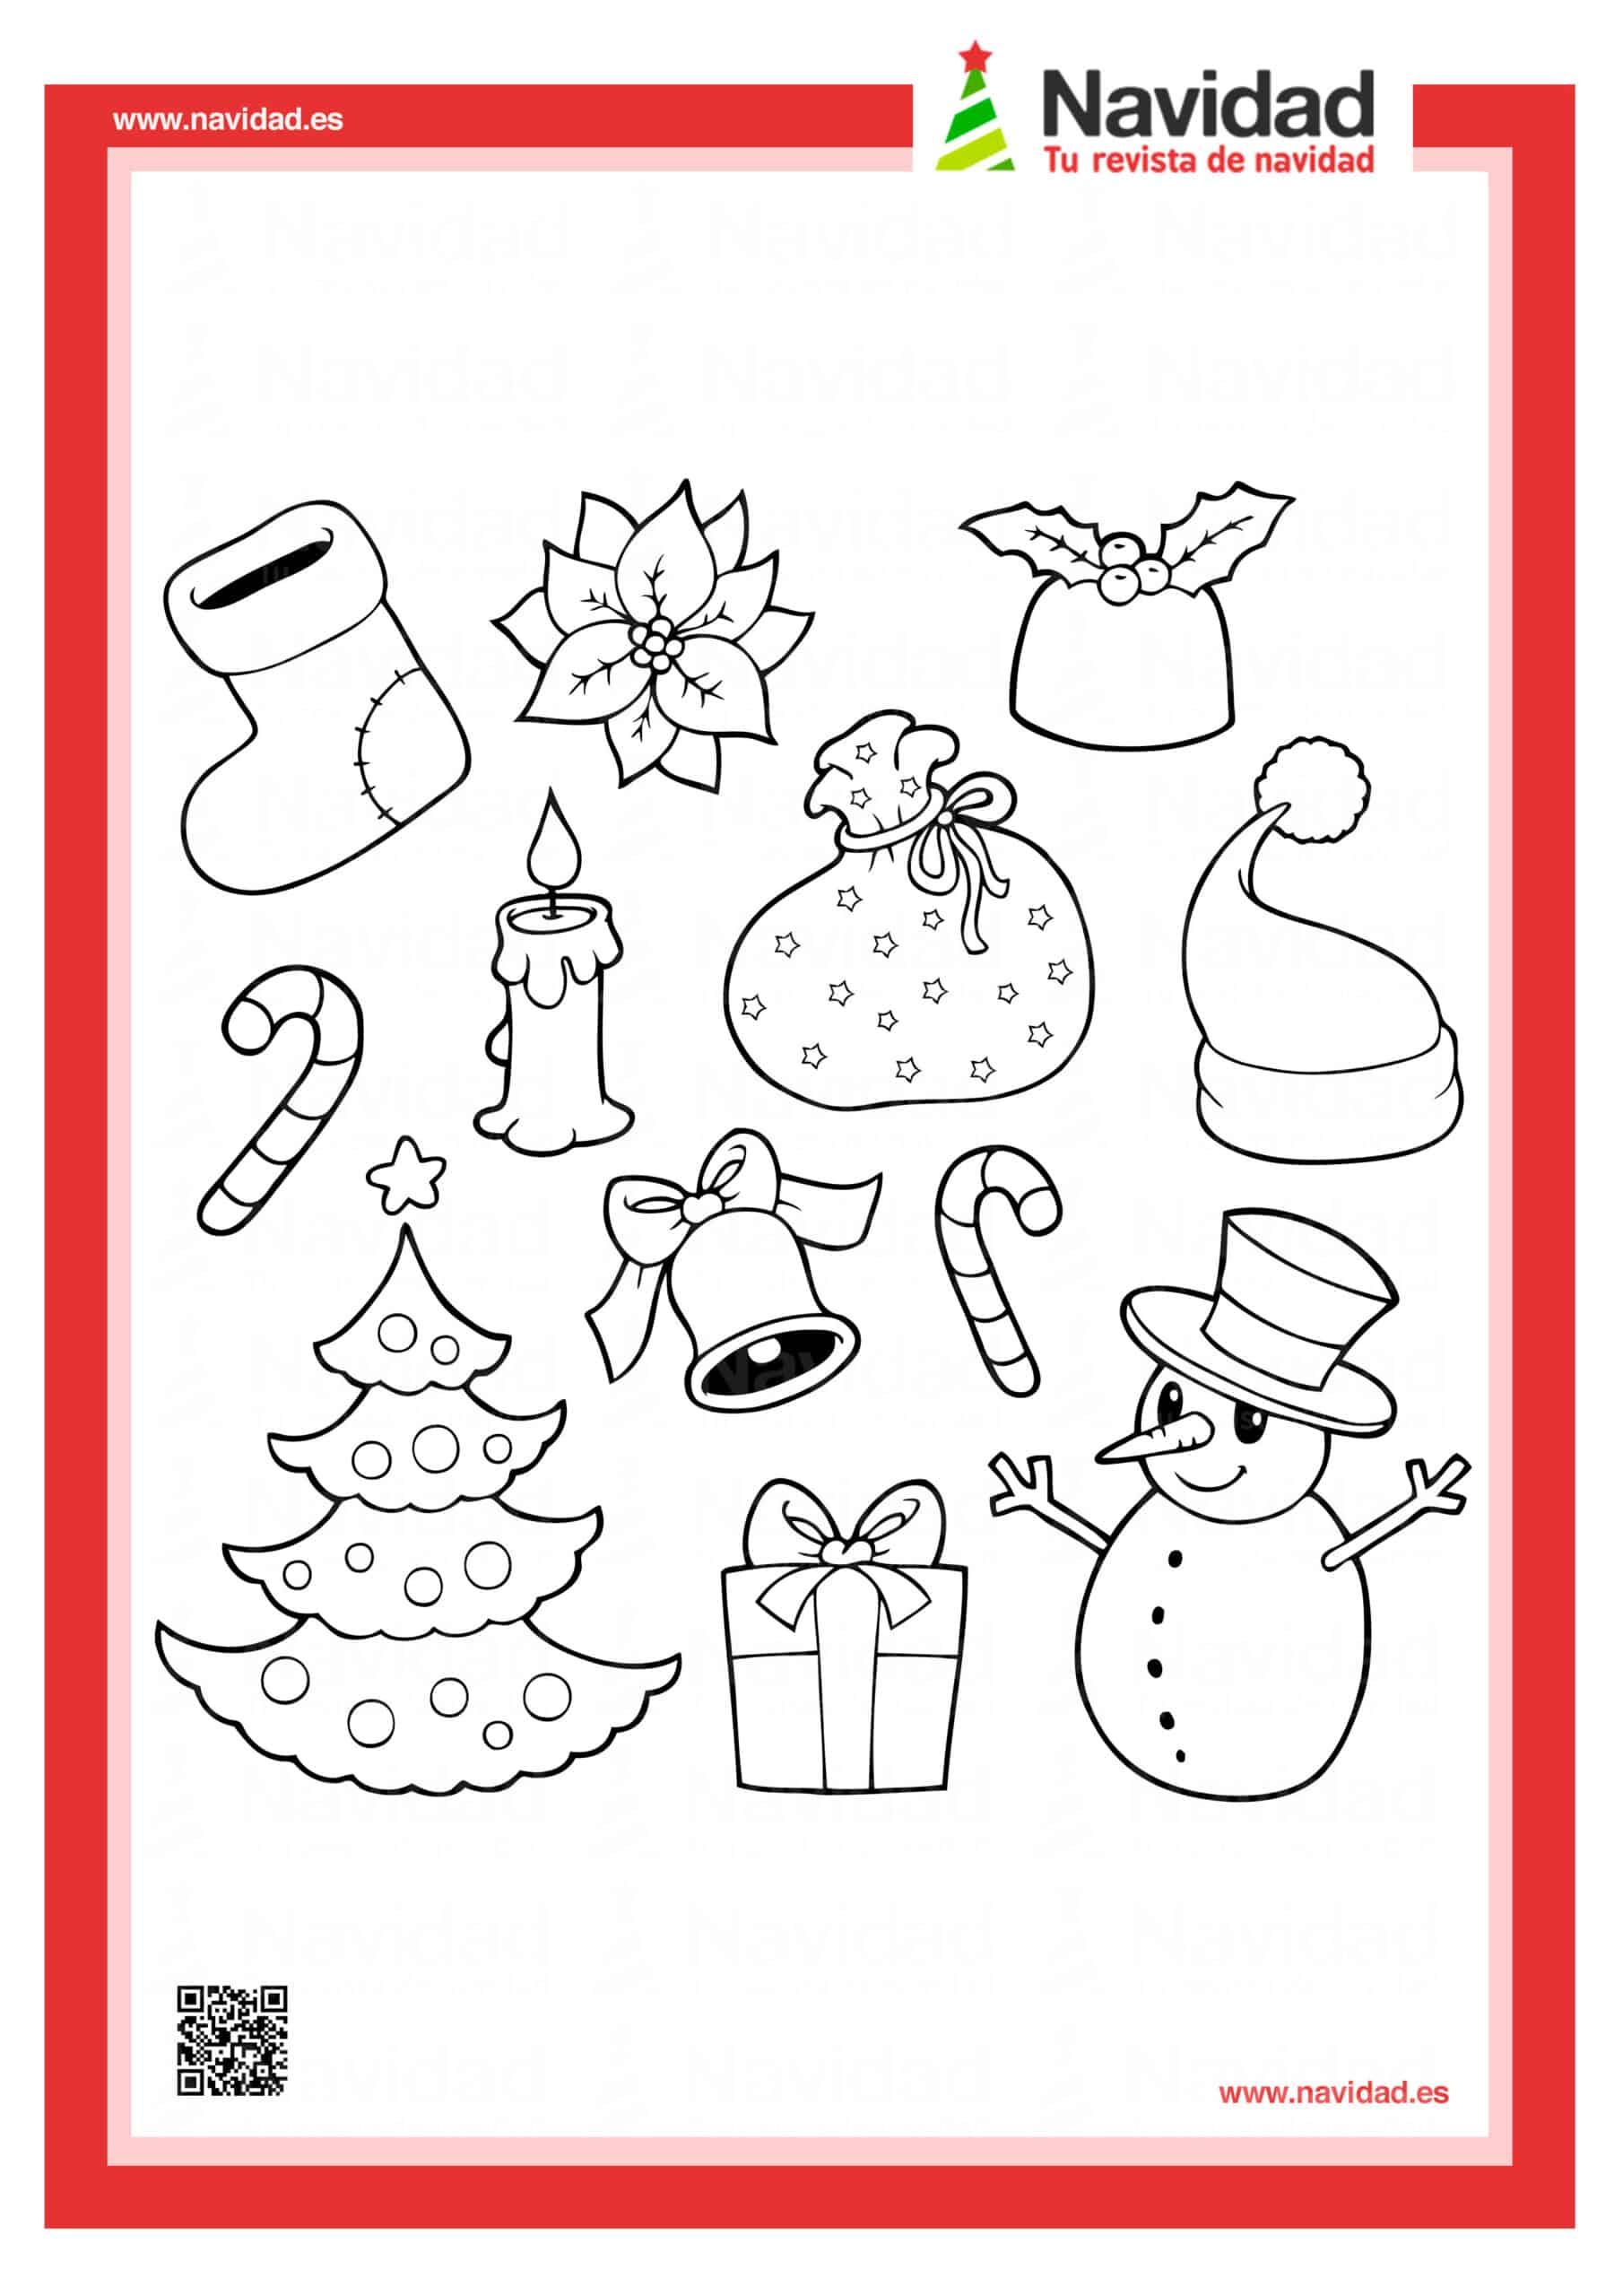 Dibujos navideños para colorear con los hijos esta Navidad 15